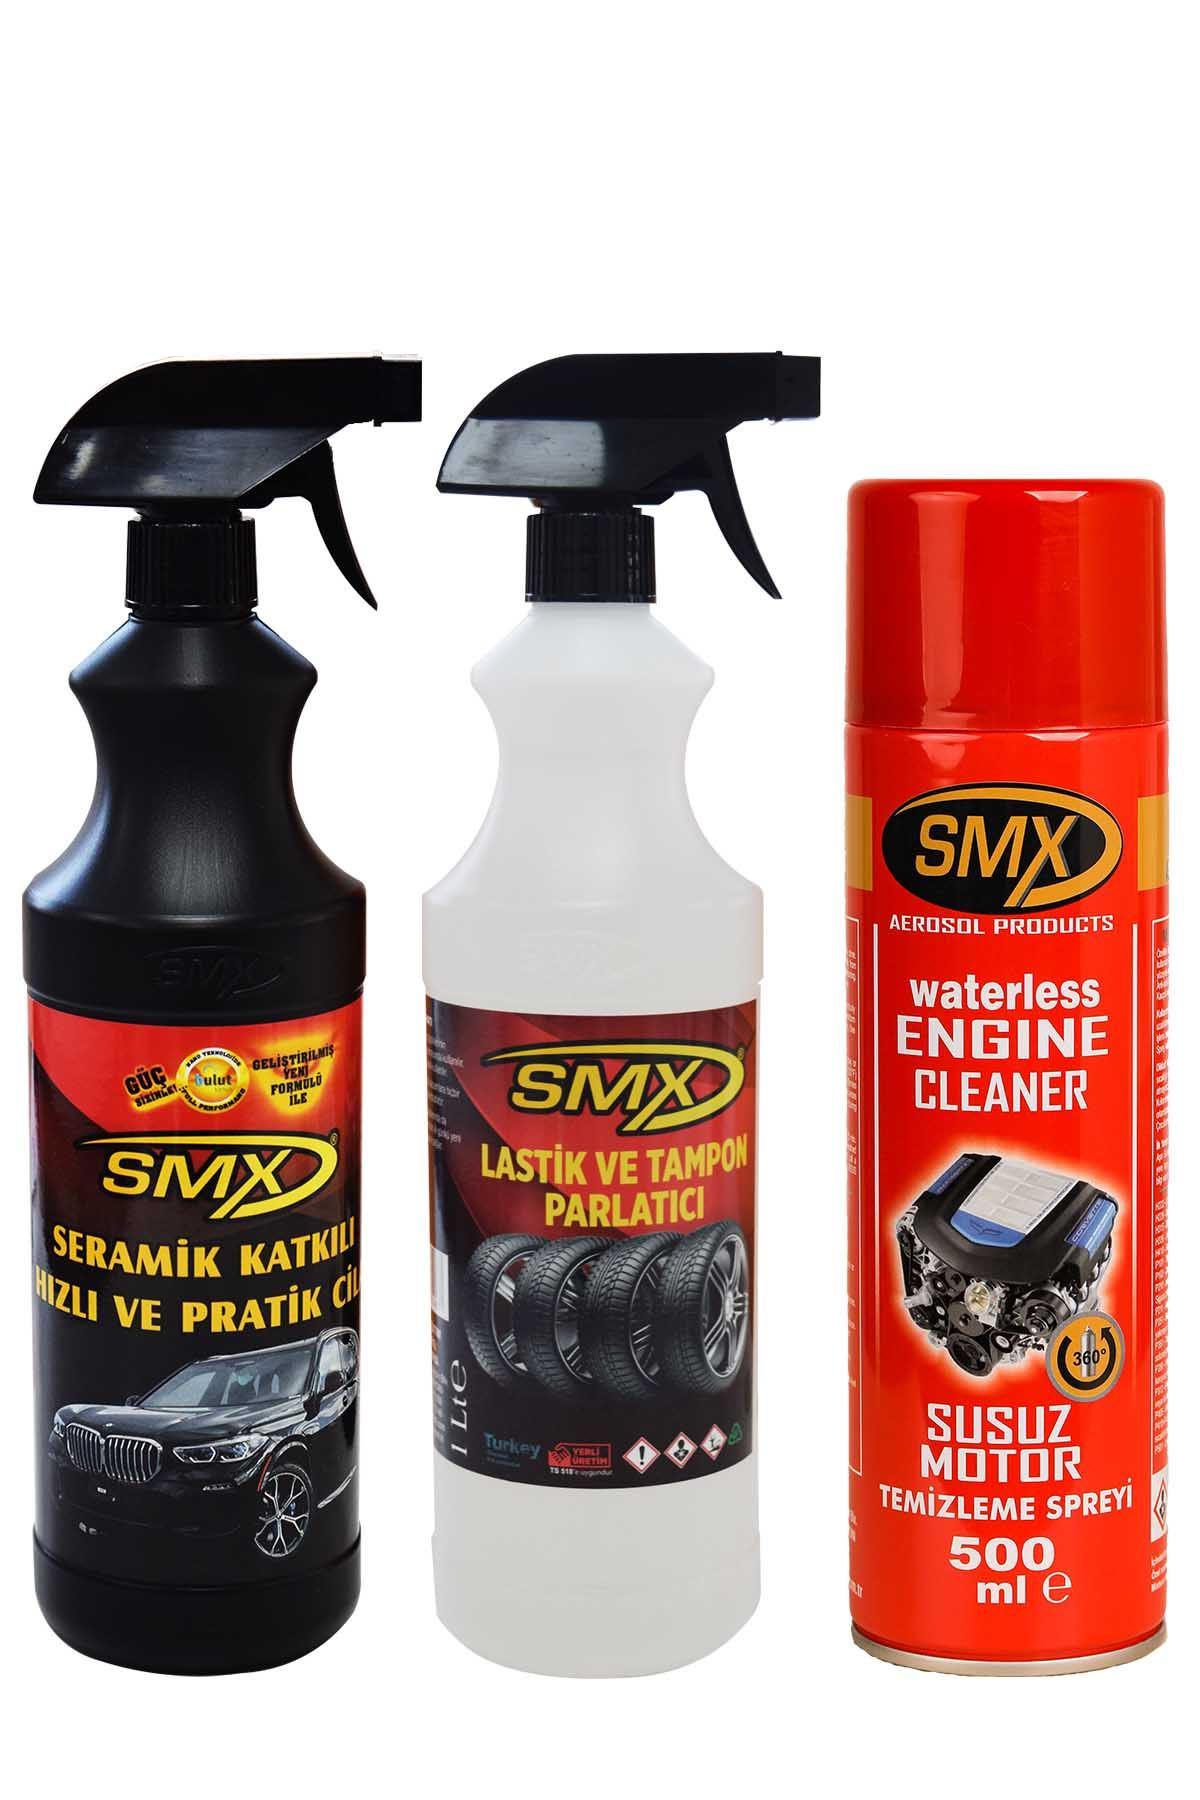 SMX Susuz Motor Temizleme Spreyi / Seramik Cila / Hızlı Cila / Pratik Cila / Lastik Parlatıcı / Tampon Parlatıcı / ARAÇ BAKIM SETİ-2